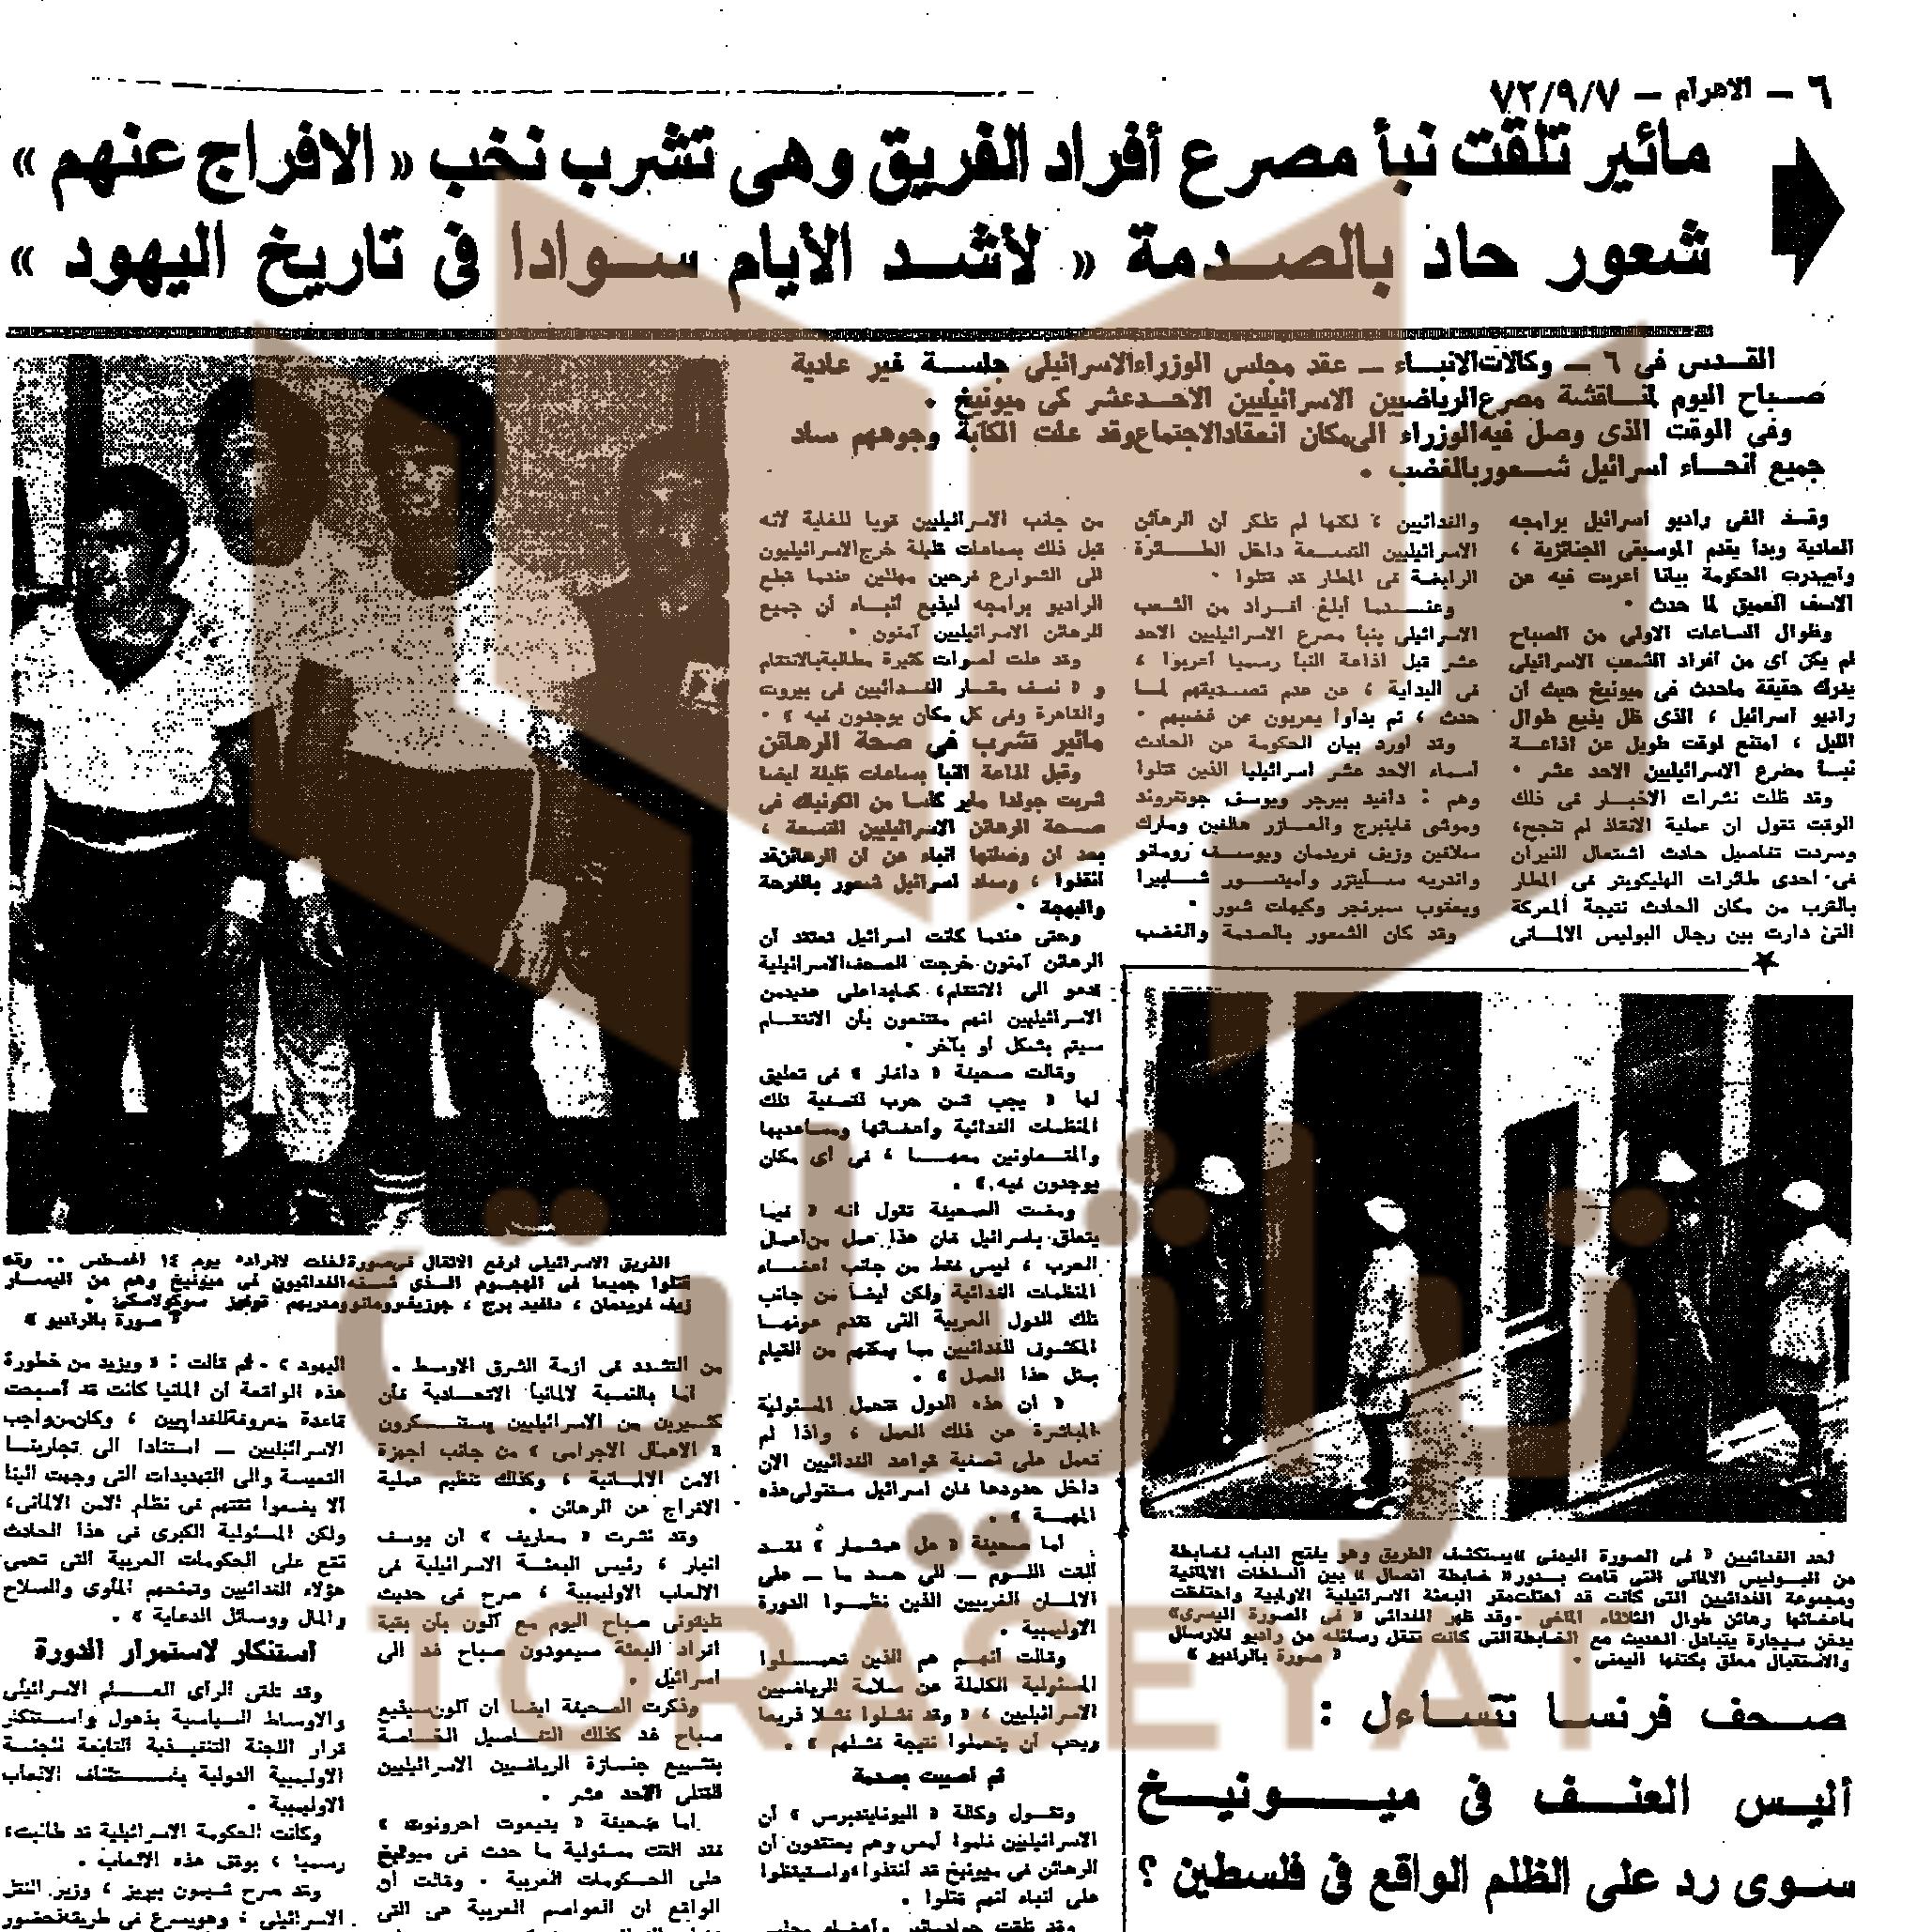 خبر على جريدة الأهرام يوم 7 سبتمبر 1972